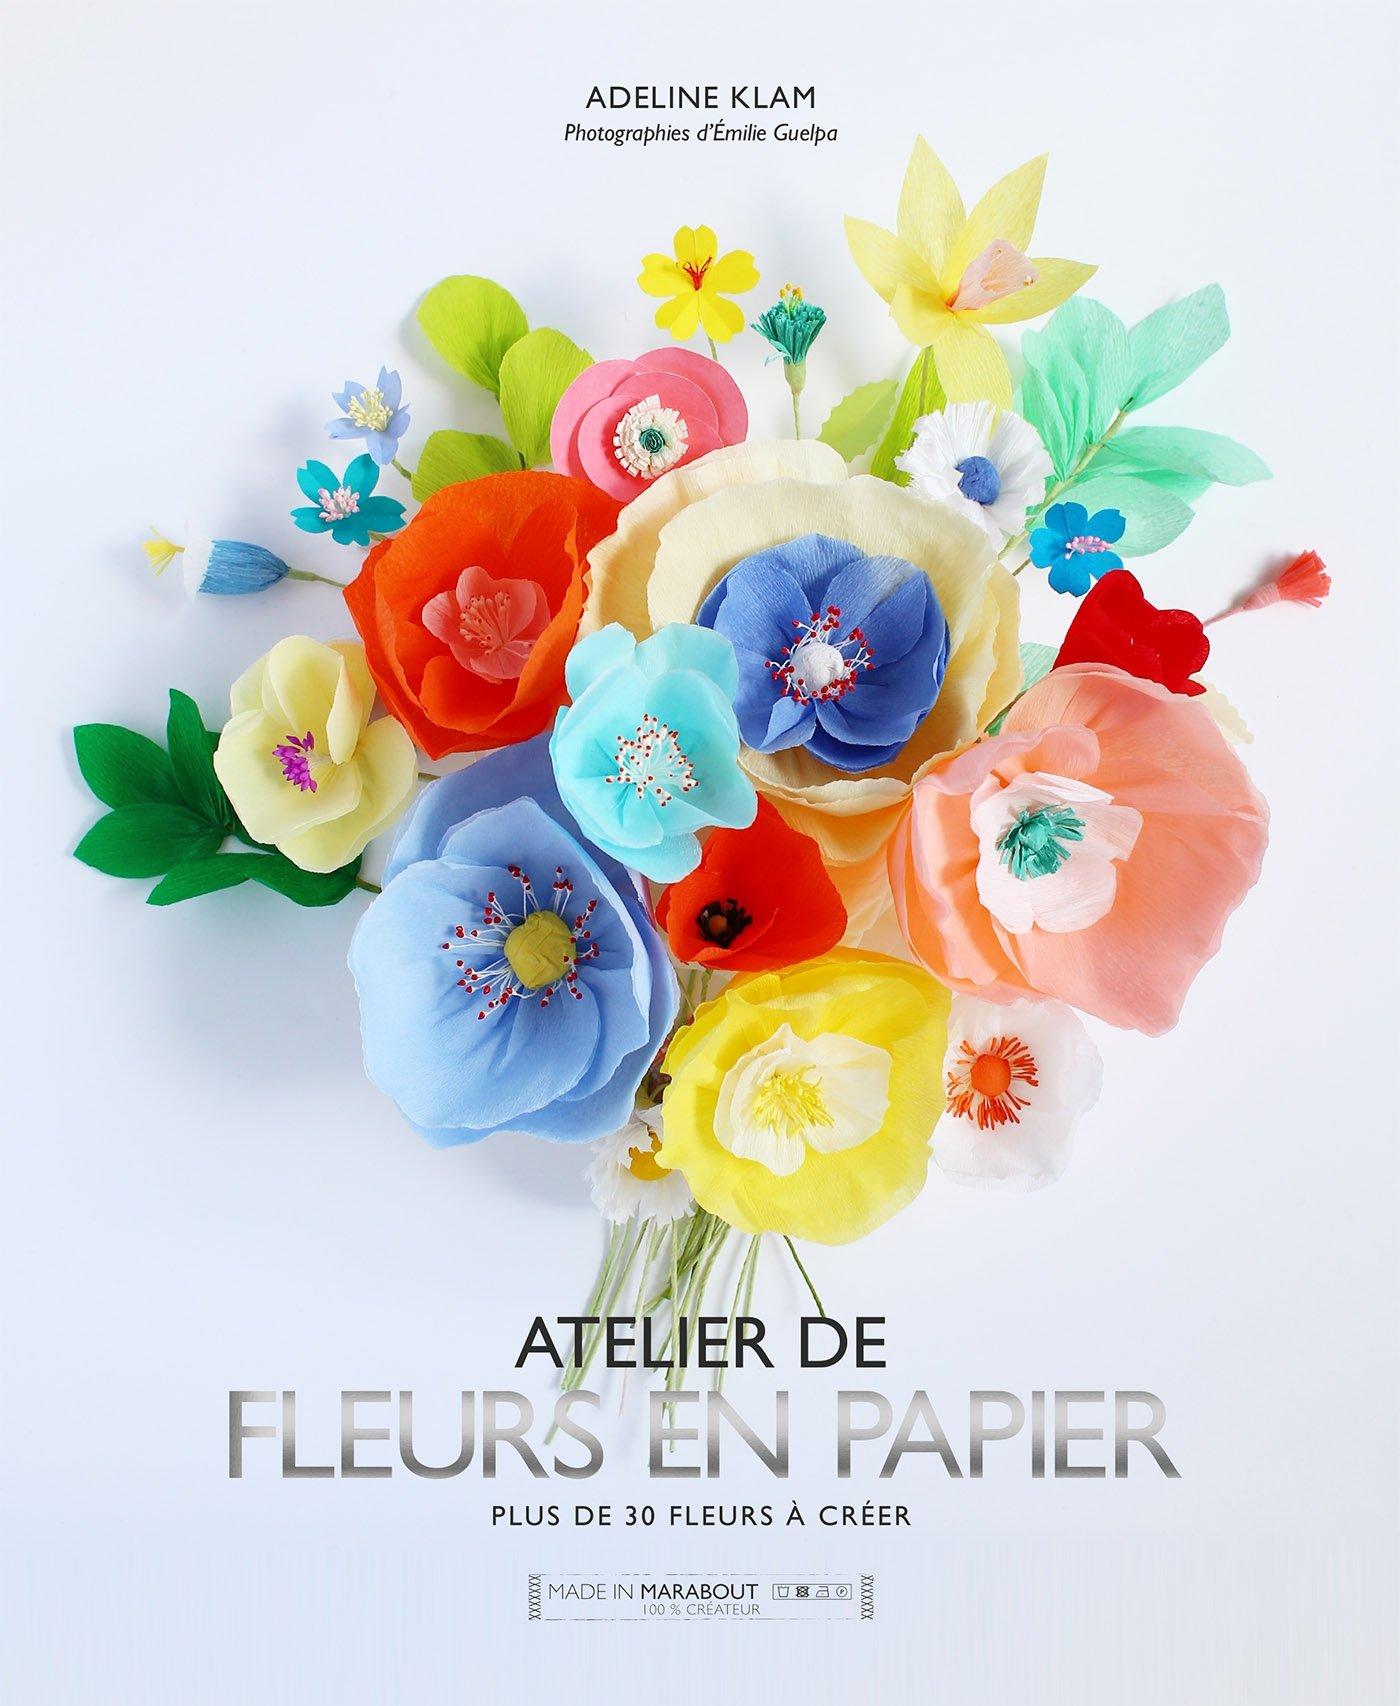 Amazon fleurs en papier pour fleurir avec dlicatesse votre amazon fleurs en papier pour fleurir avec dlicatesse votre intrieur adeline klam livres altavistaventures Choice Image